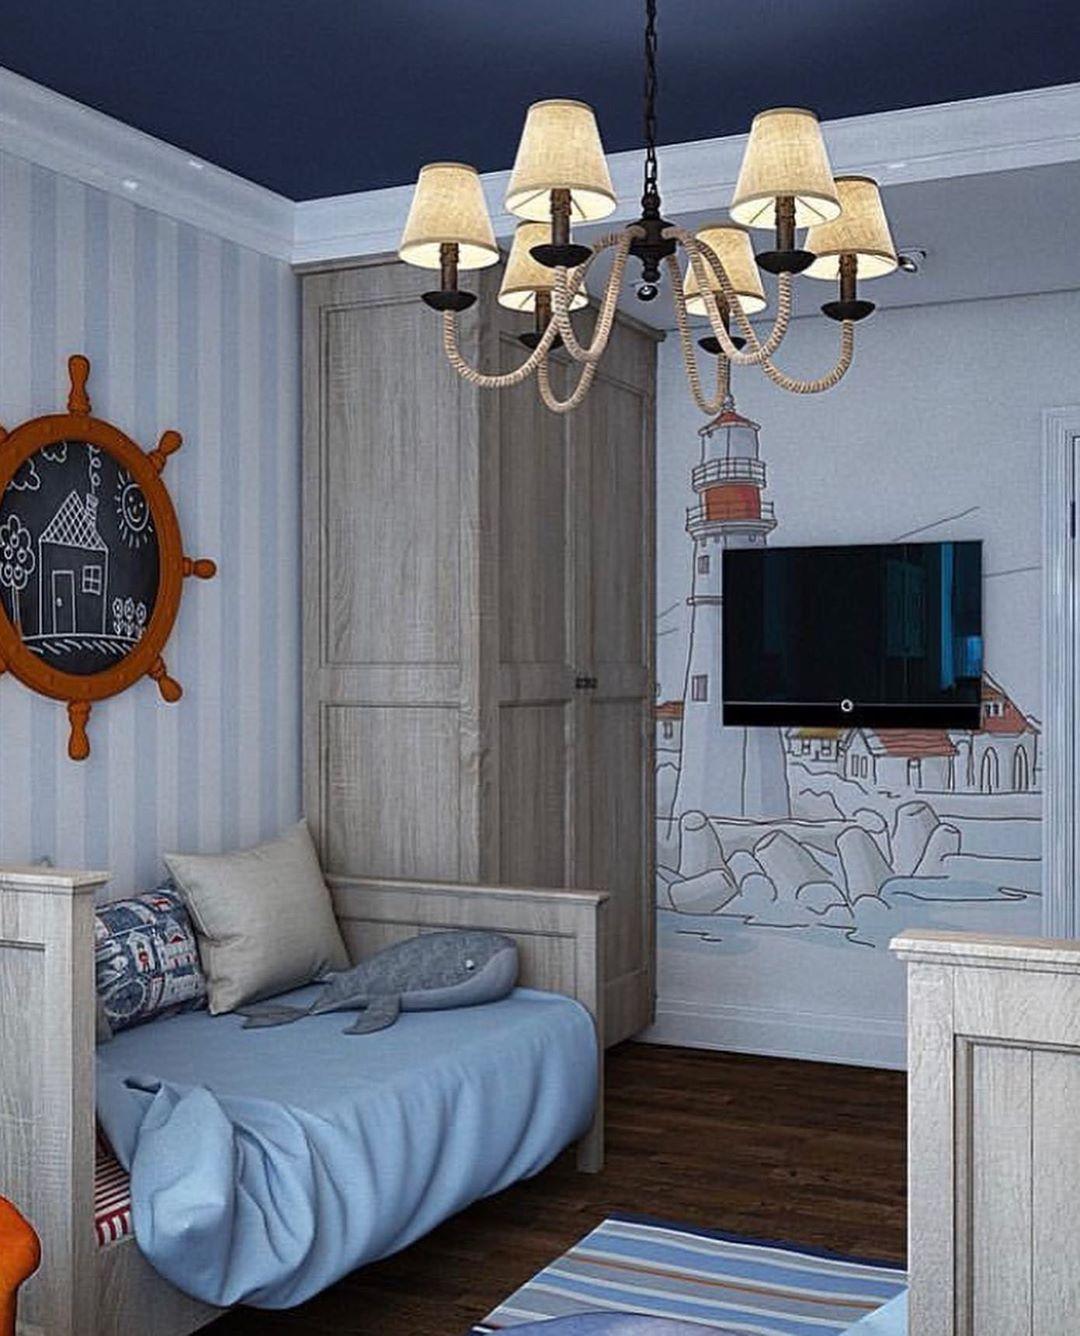 (+65 фото) Гостиная в морском стиле интерьер